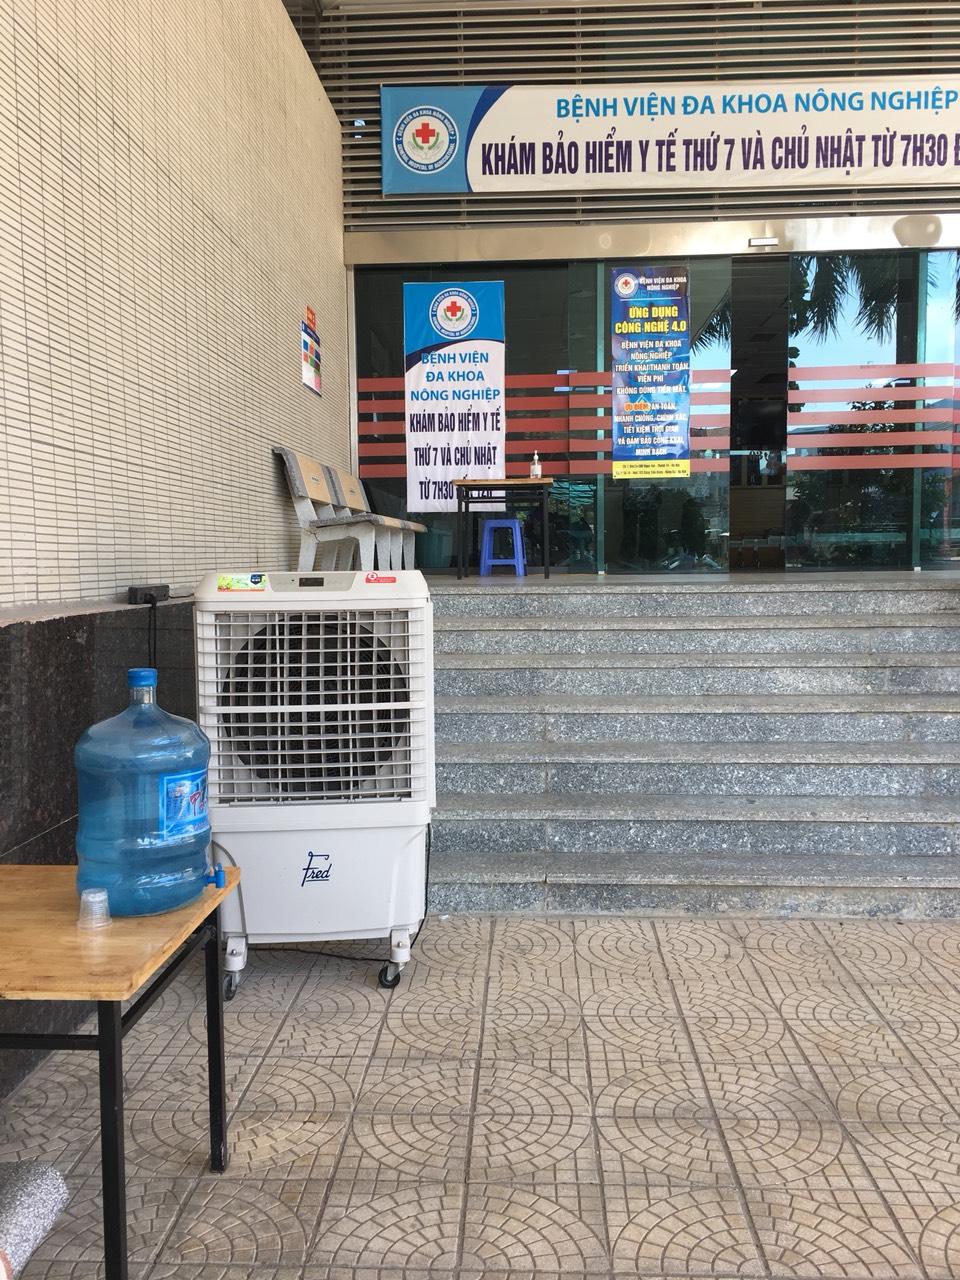 Bệnh viện chủ động phòng chống nắng nóng cho bệnh nhân